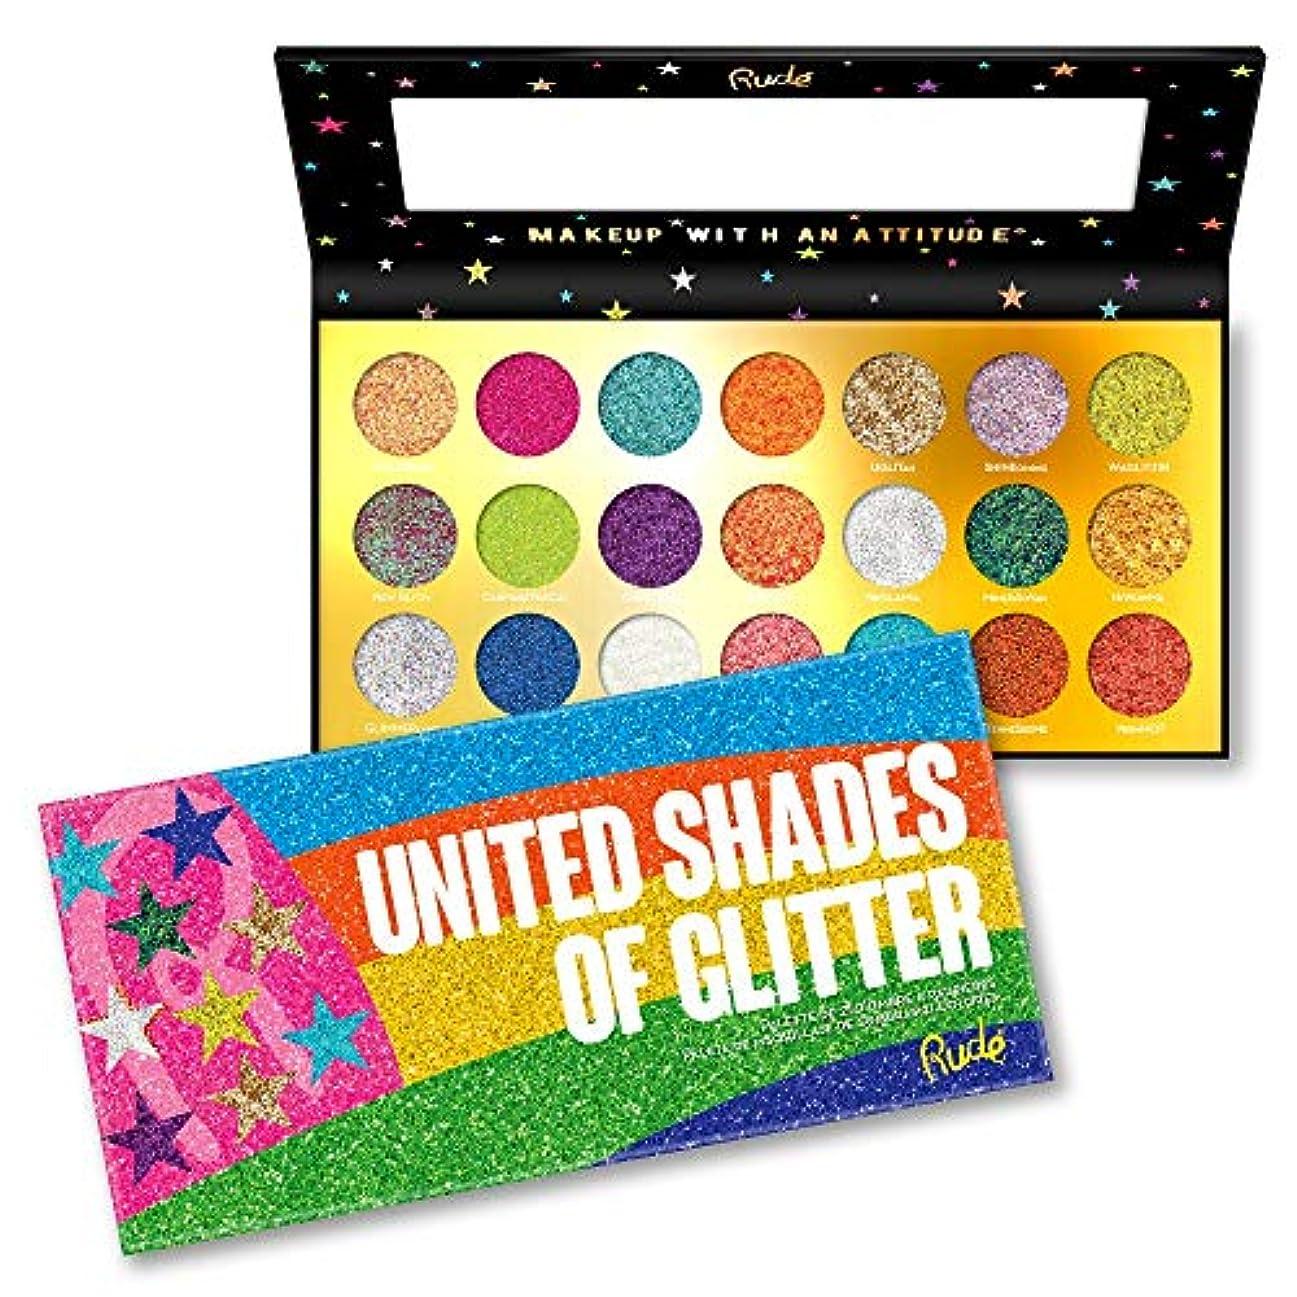 クラックポット論理正当なRUDE? United Shades of Glitter - 21 Pressed Glitter Palette (並行輸入品)